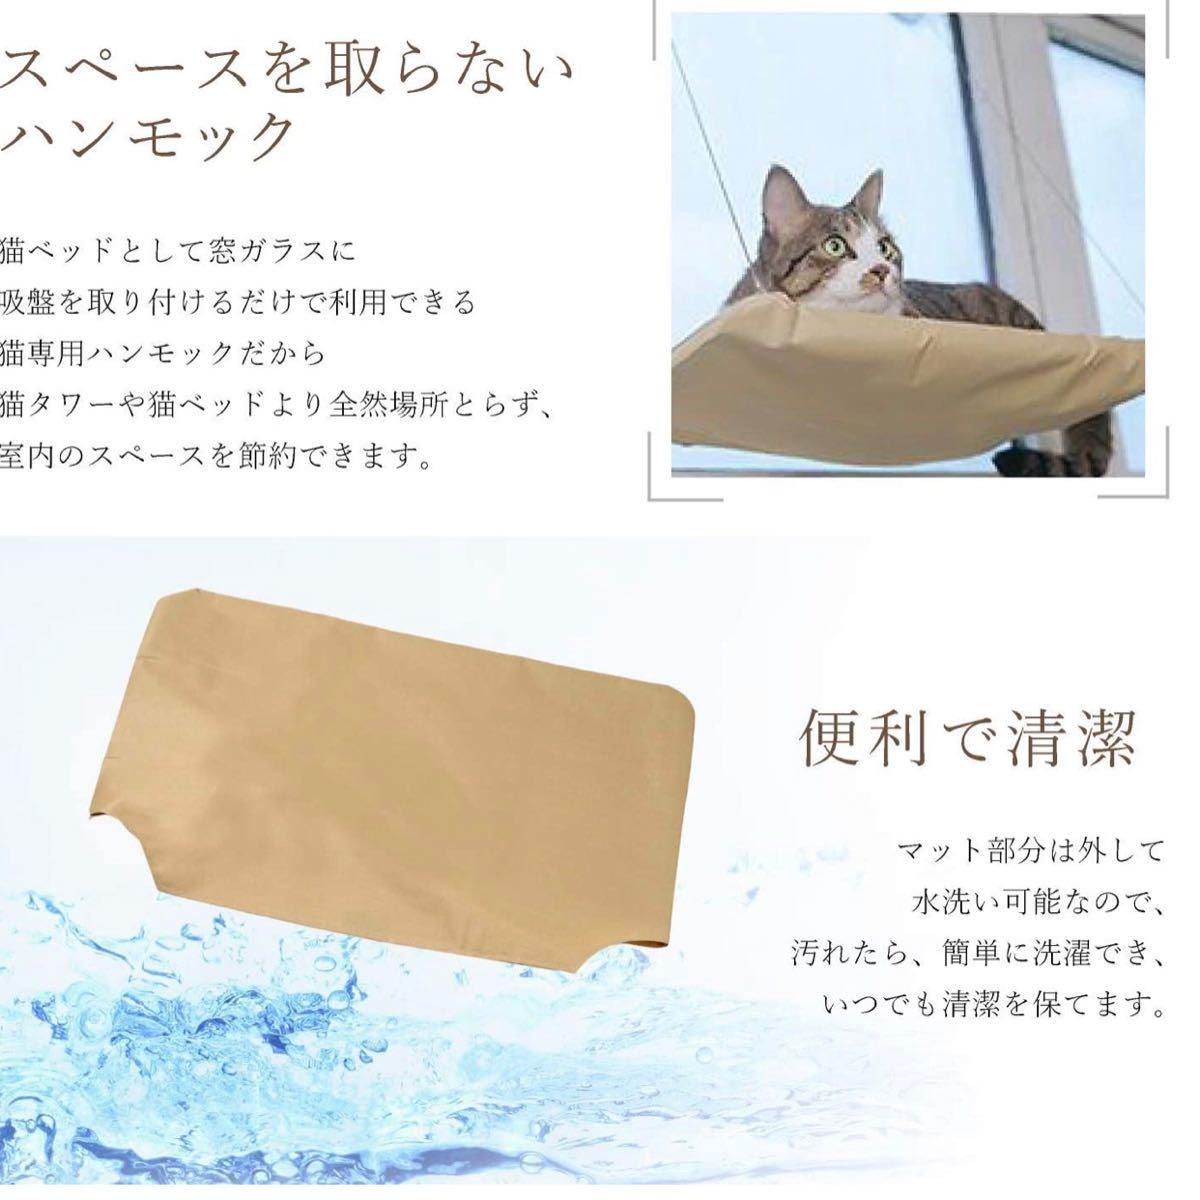 即日発送 猫のハンモック 猫ベット 日向ぼっこ 通年使用可能 窓際ベット